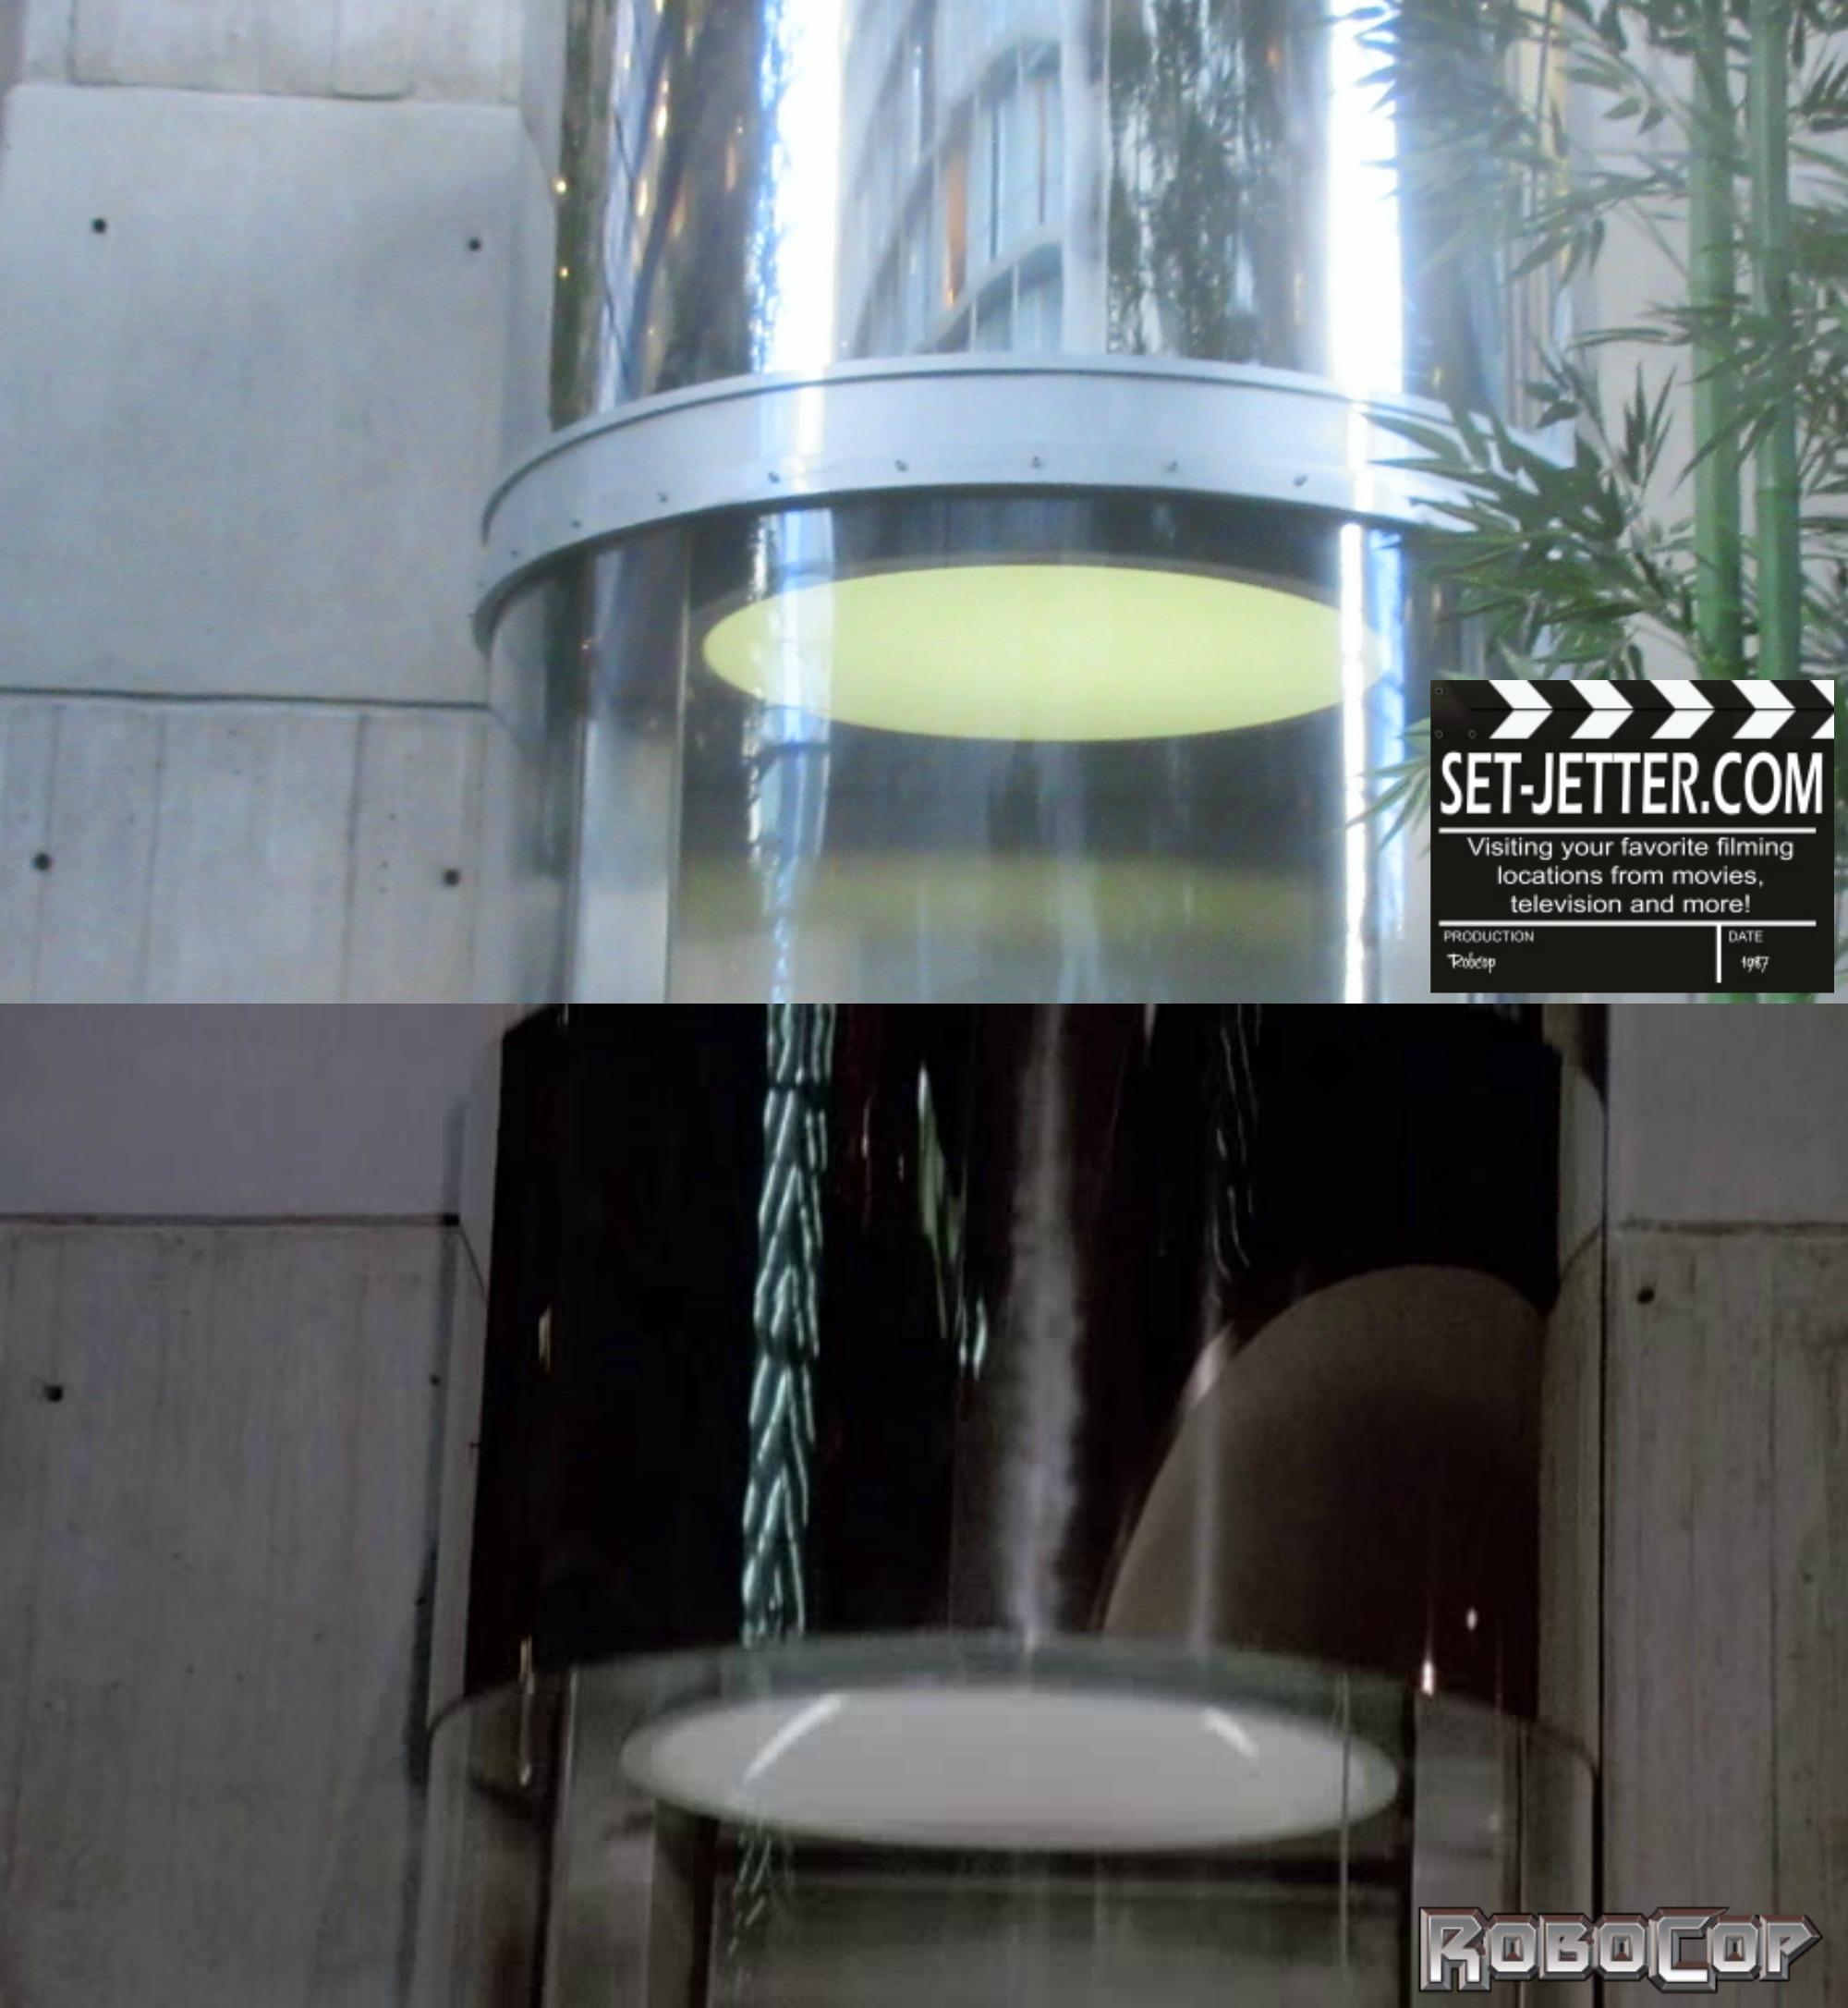 Robocop comparison 23.jpg